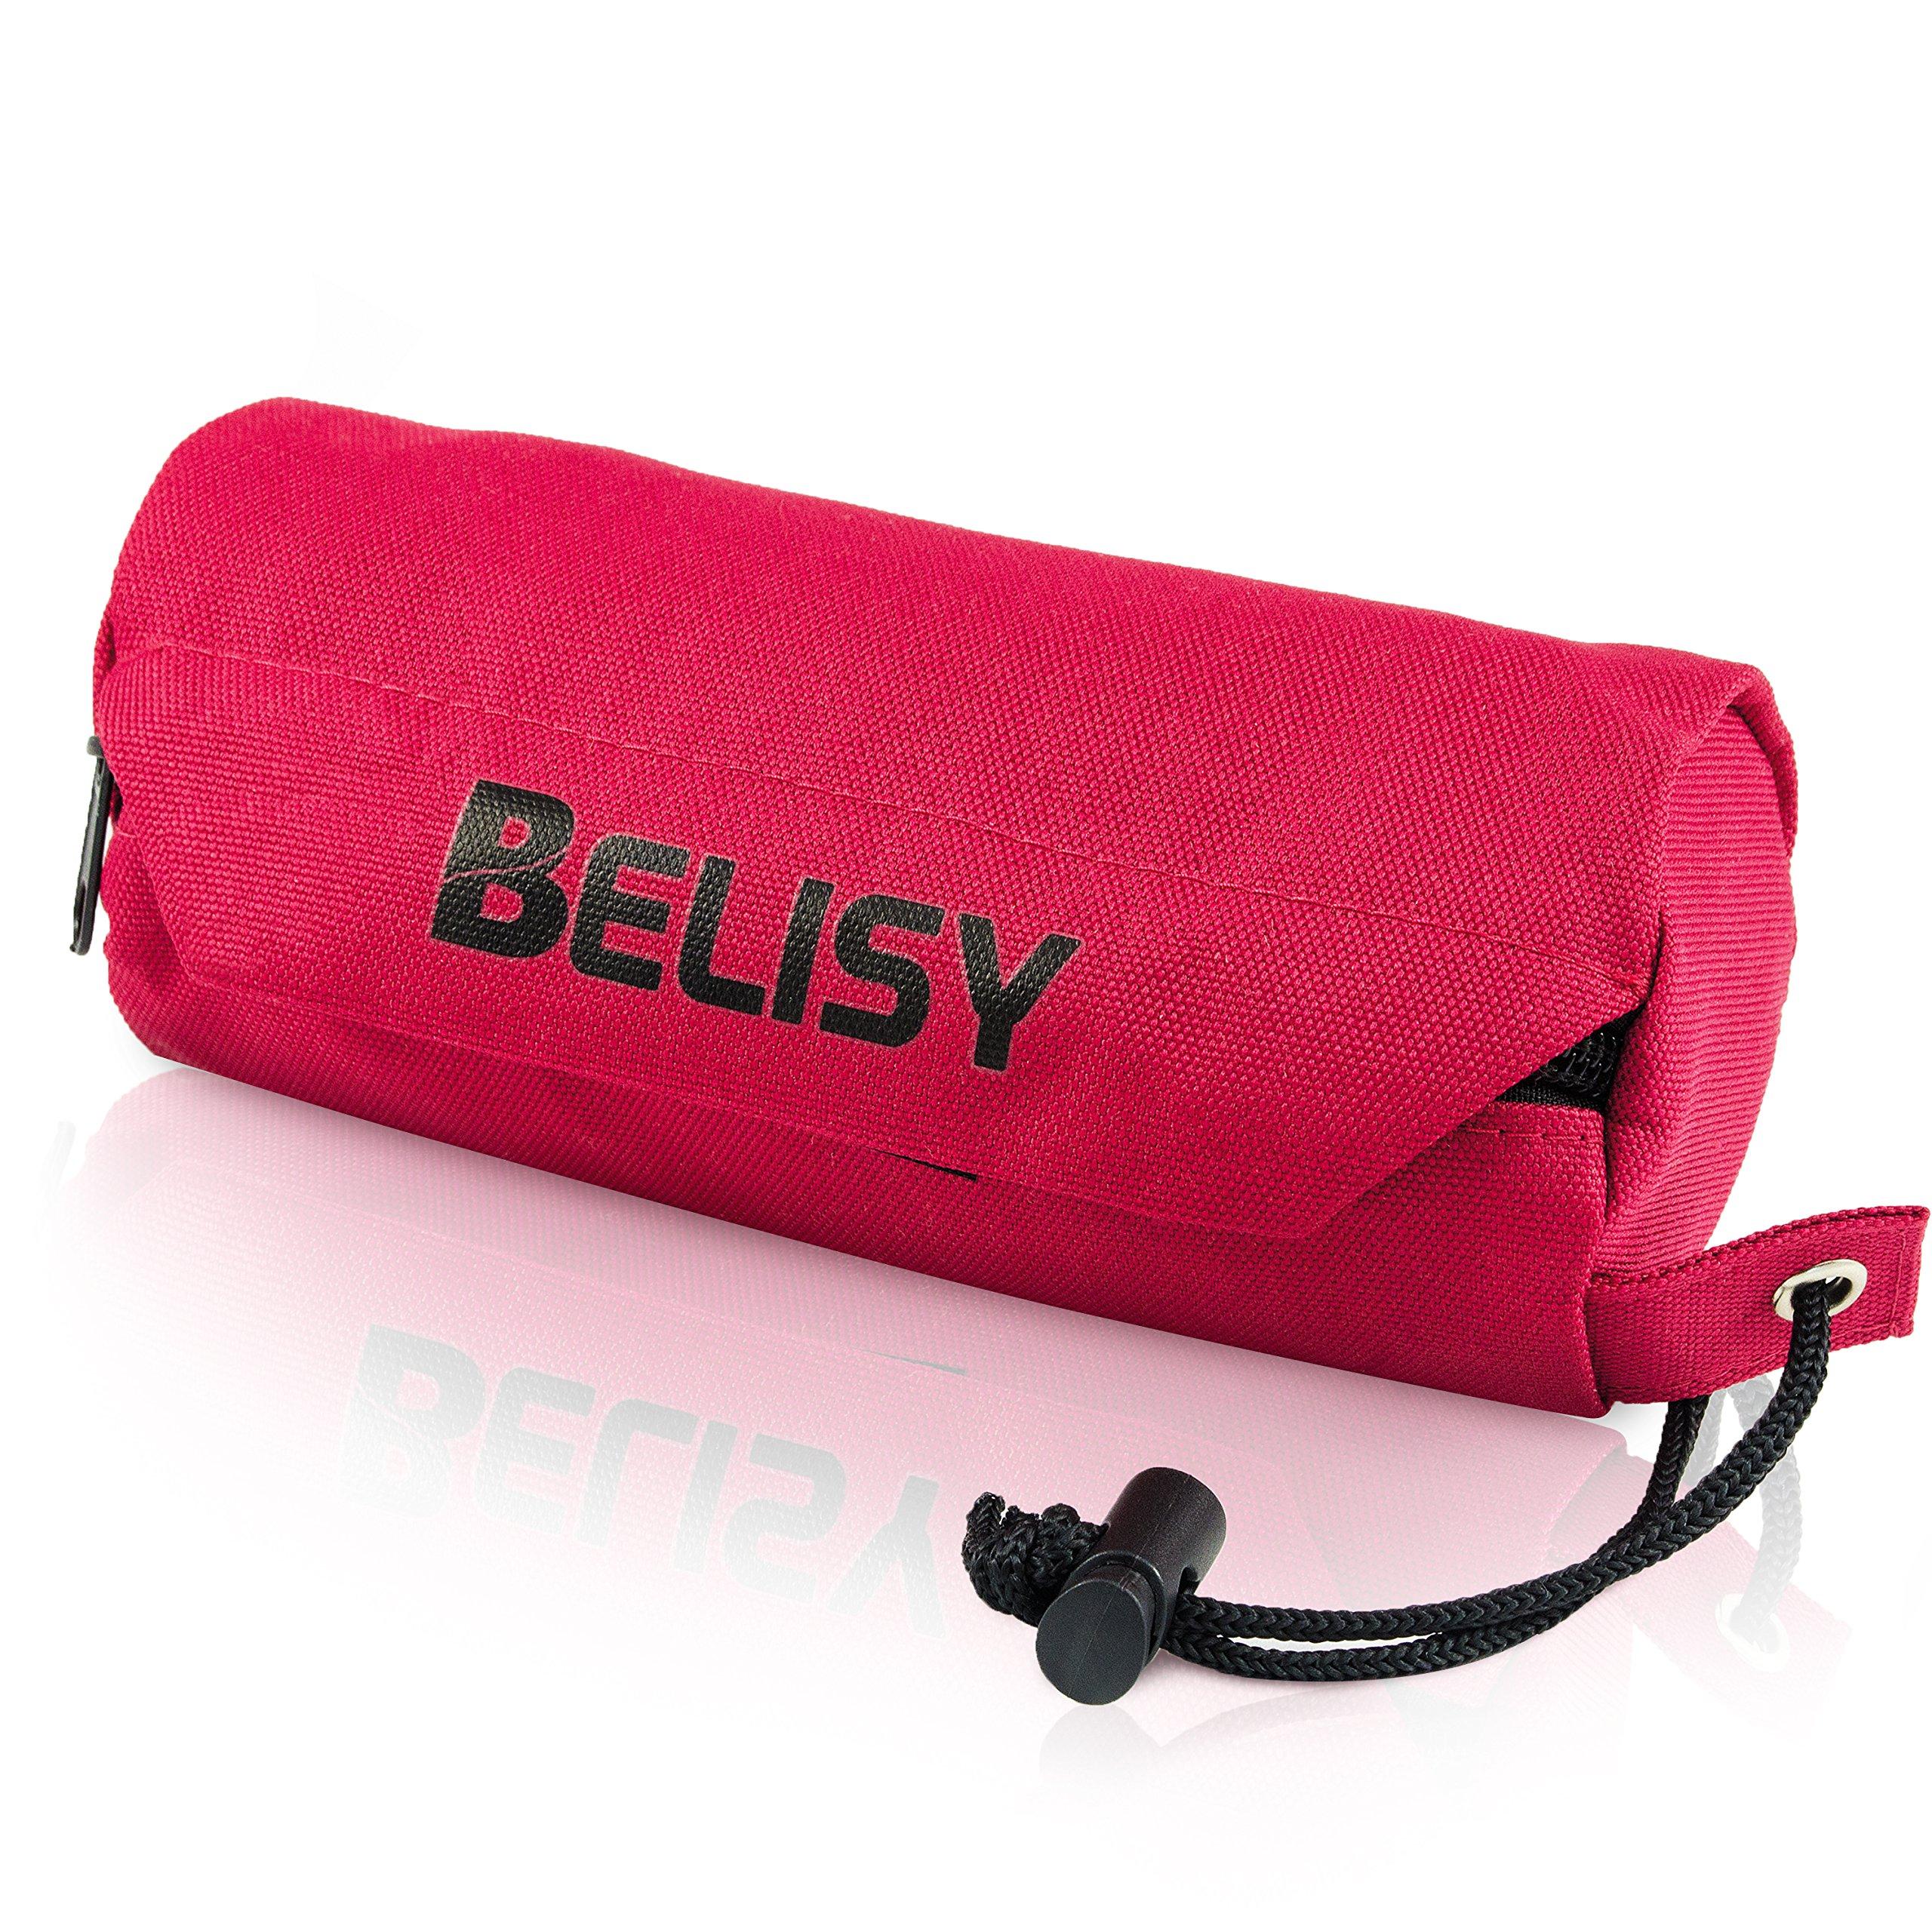 BELISY Futterbeutel für Hunde - von Trainern empfohlen - waschbar - Leckerlie Beutel … product image